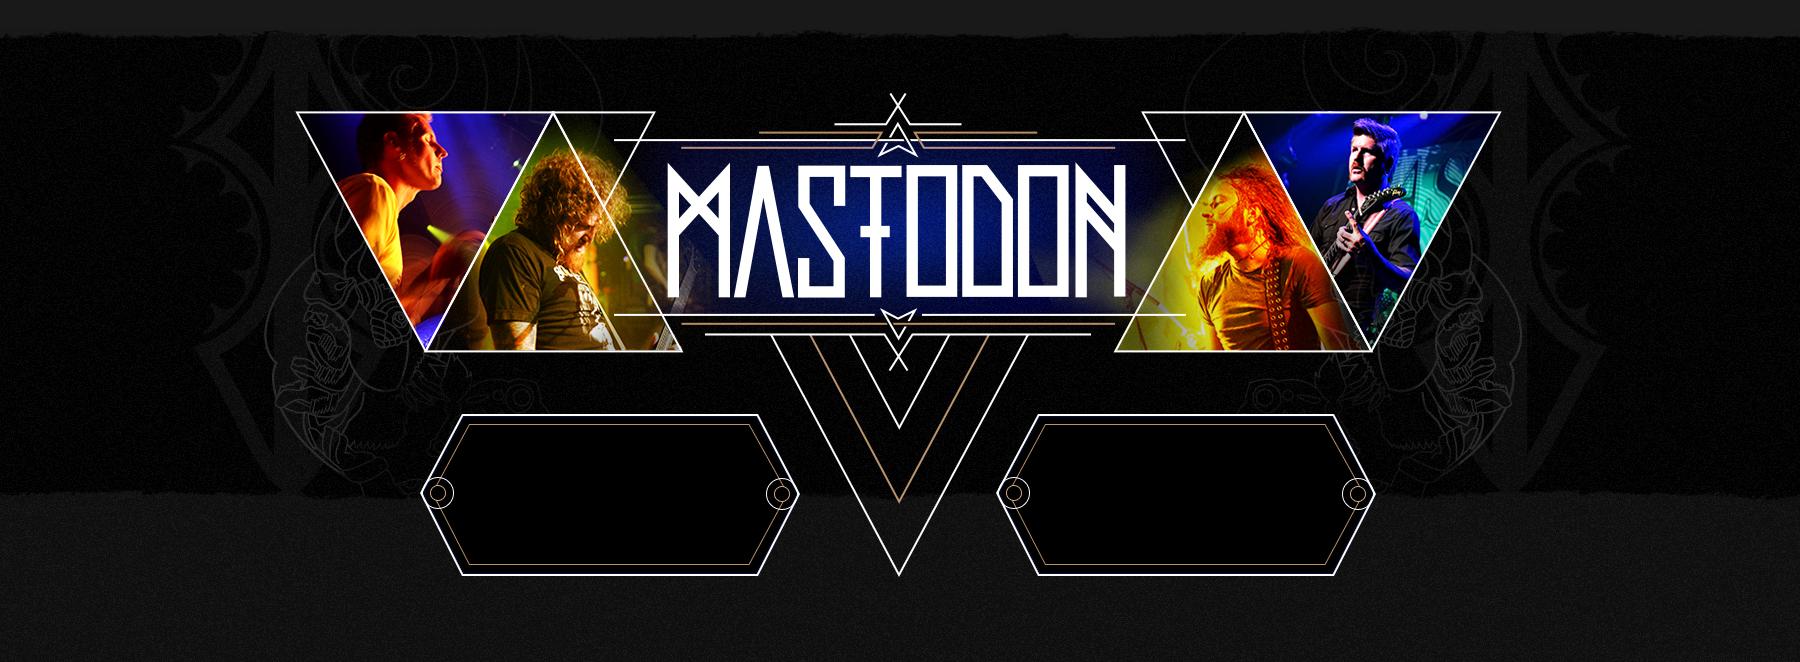 mastodon-banner.jpg